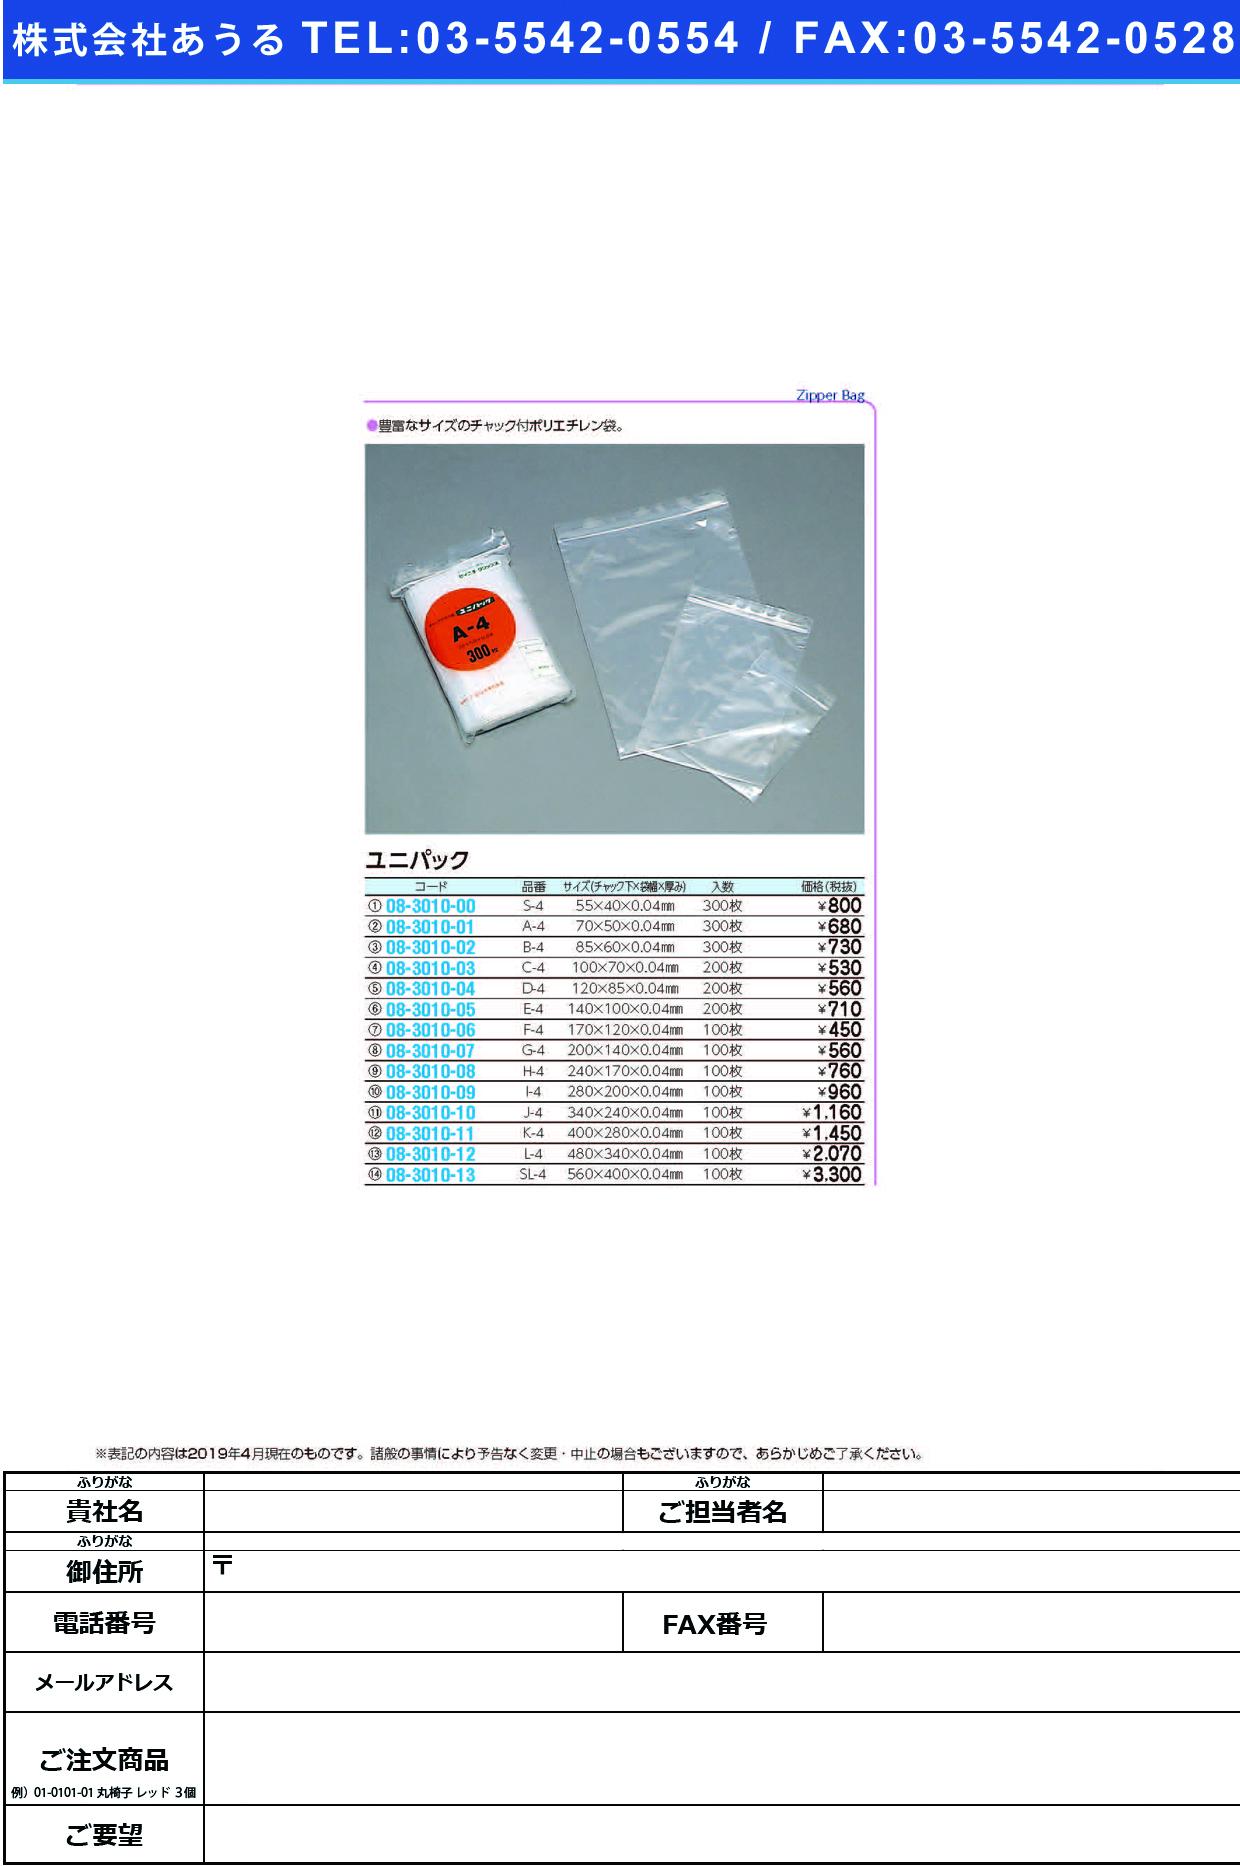 (08-3010-12)ユニパック L-4(480X340MM)100マイ ユニパック【1袋単位】【2019年カタログ商品】